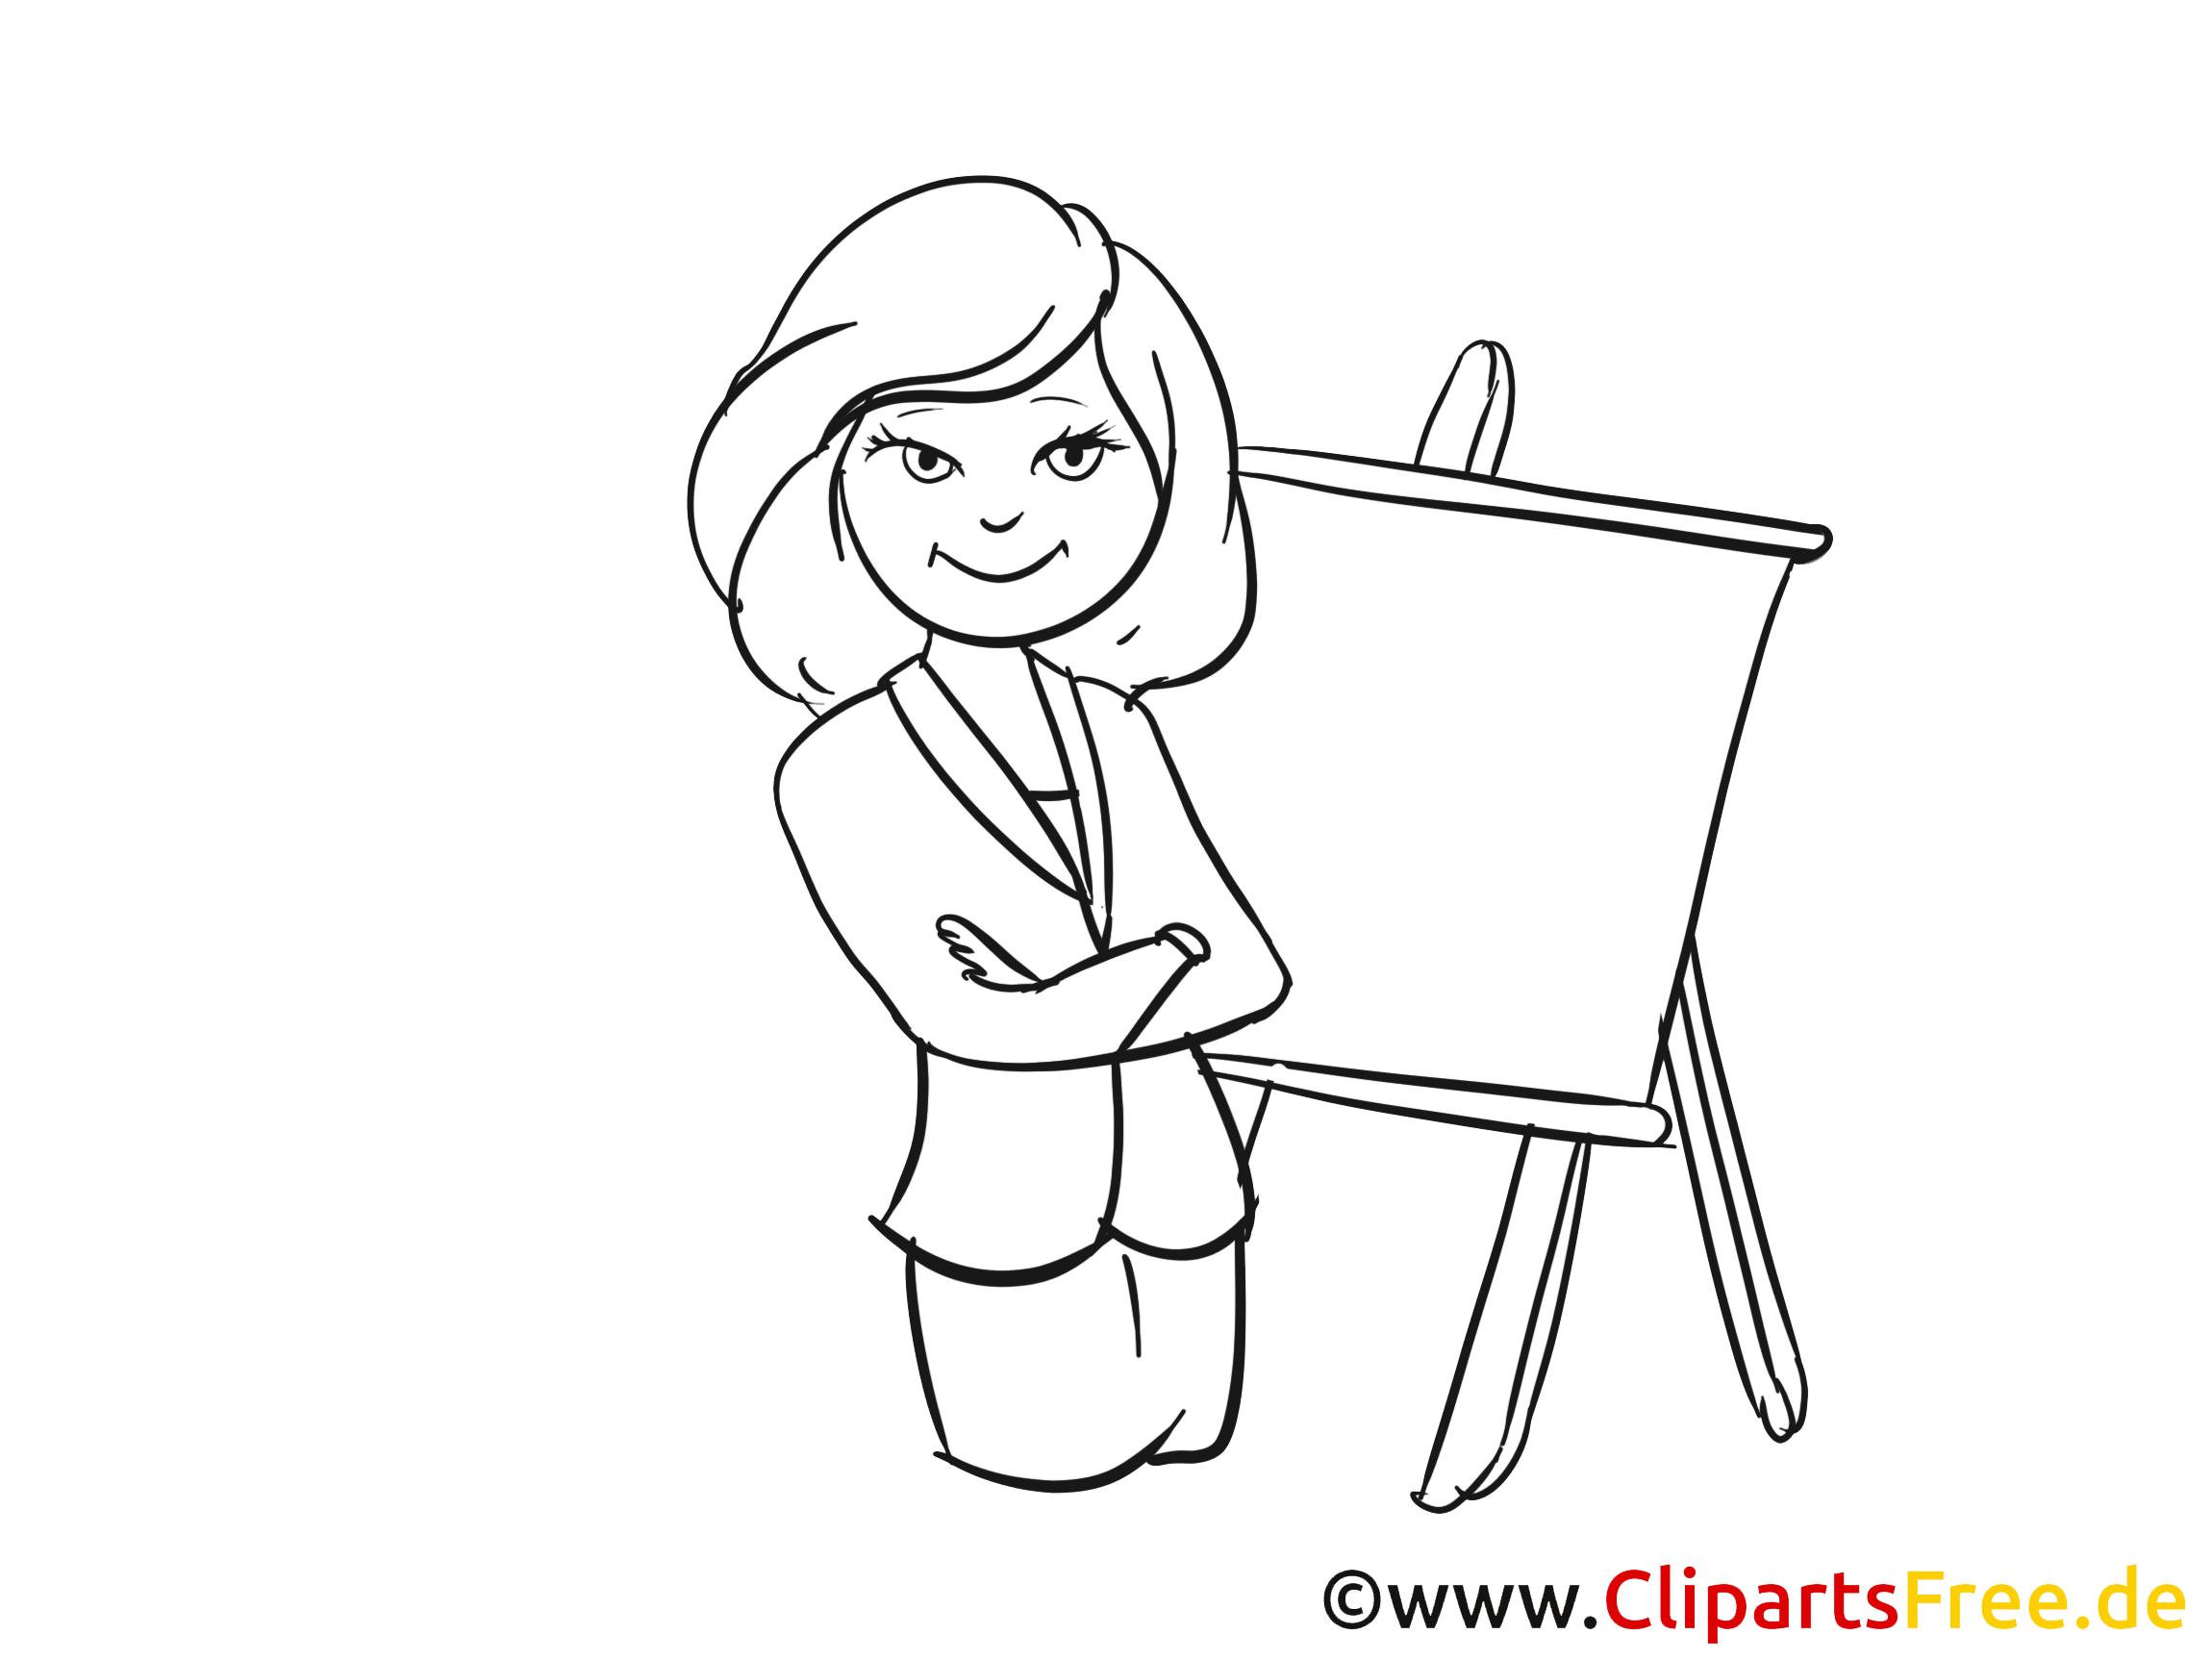 Frau im anzug clipart royalty free Frau im Anzug Clipart, Bild, Cartoon royalty free